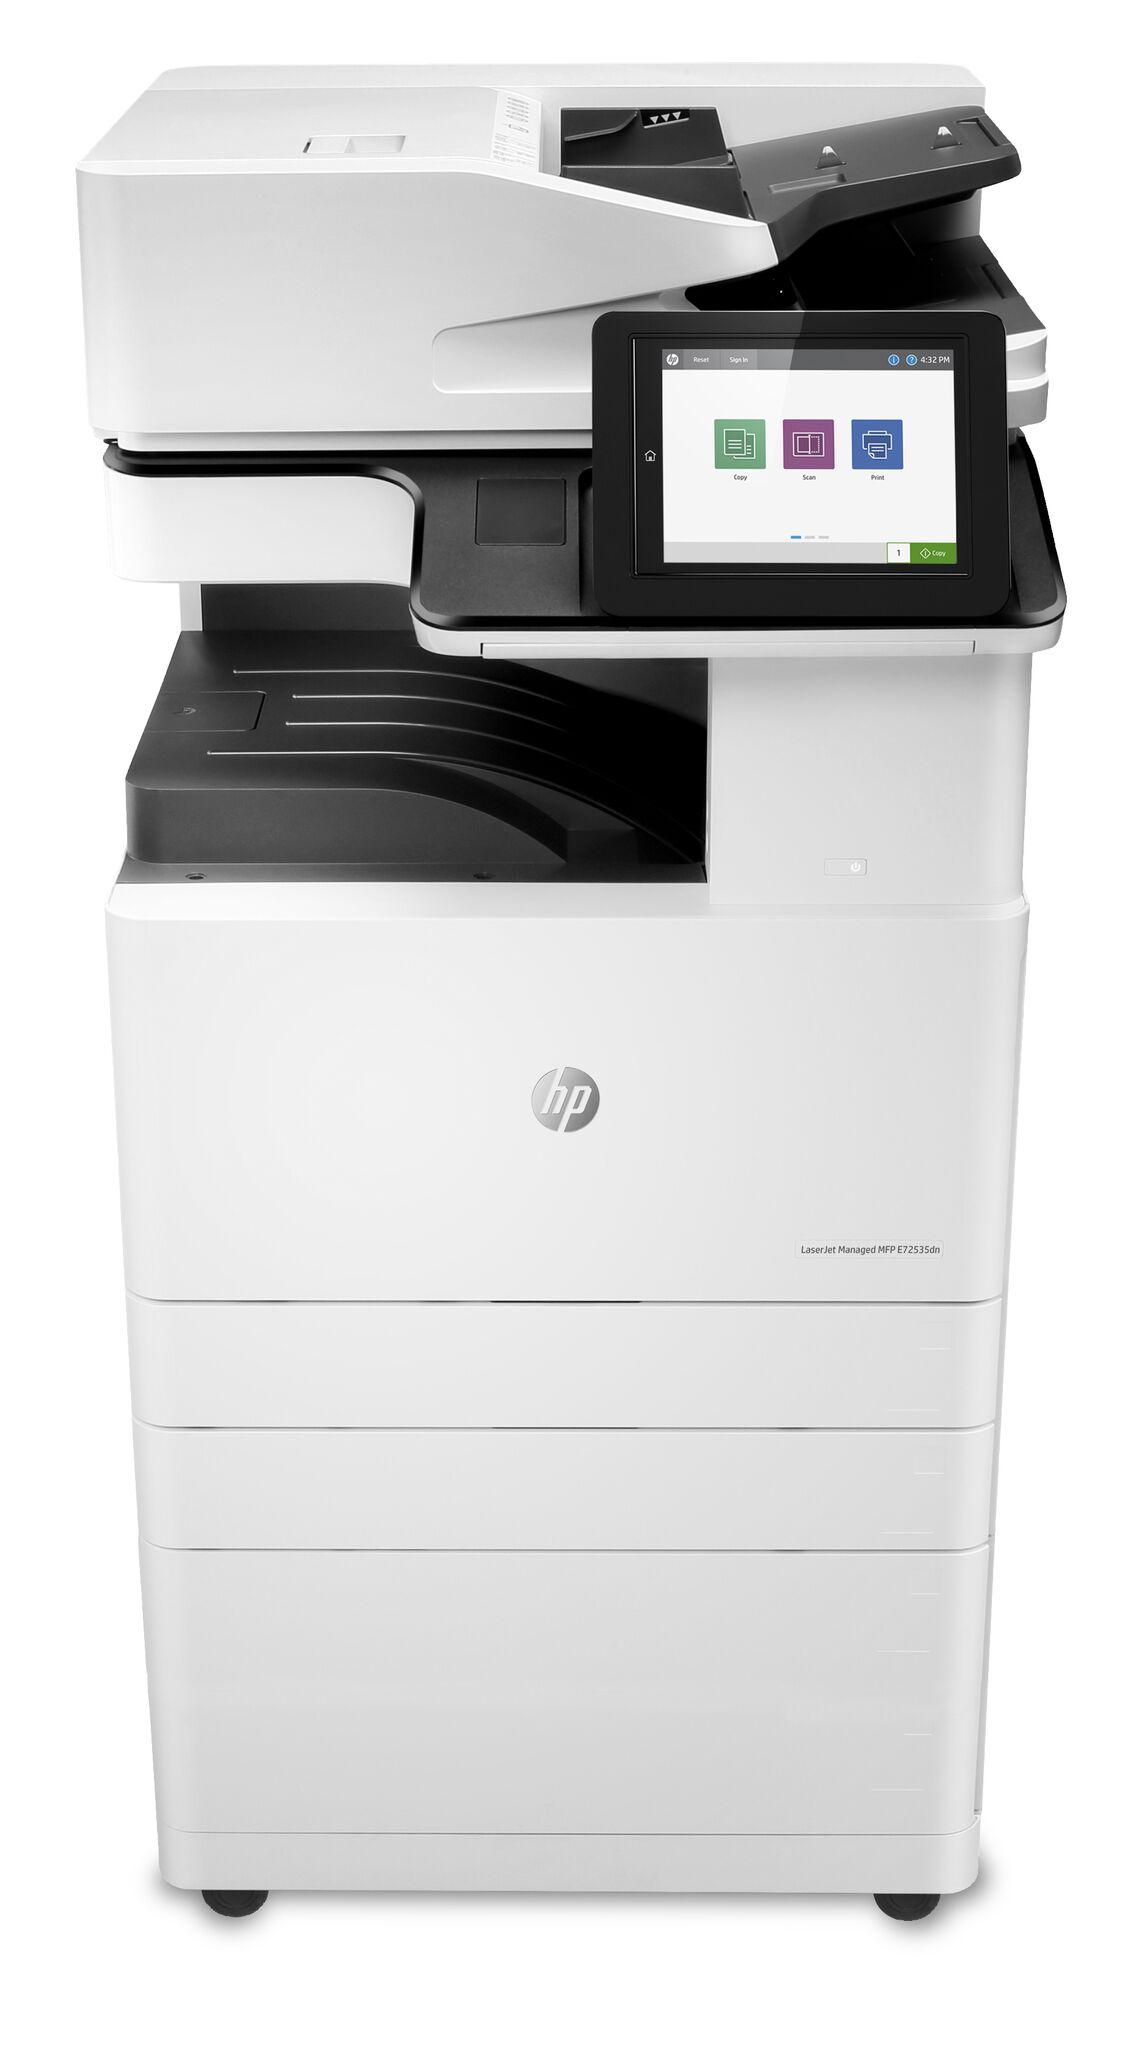 Noleggio Multifunzione HP LaserJet Managed E72525DN - Lyreco print services